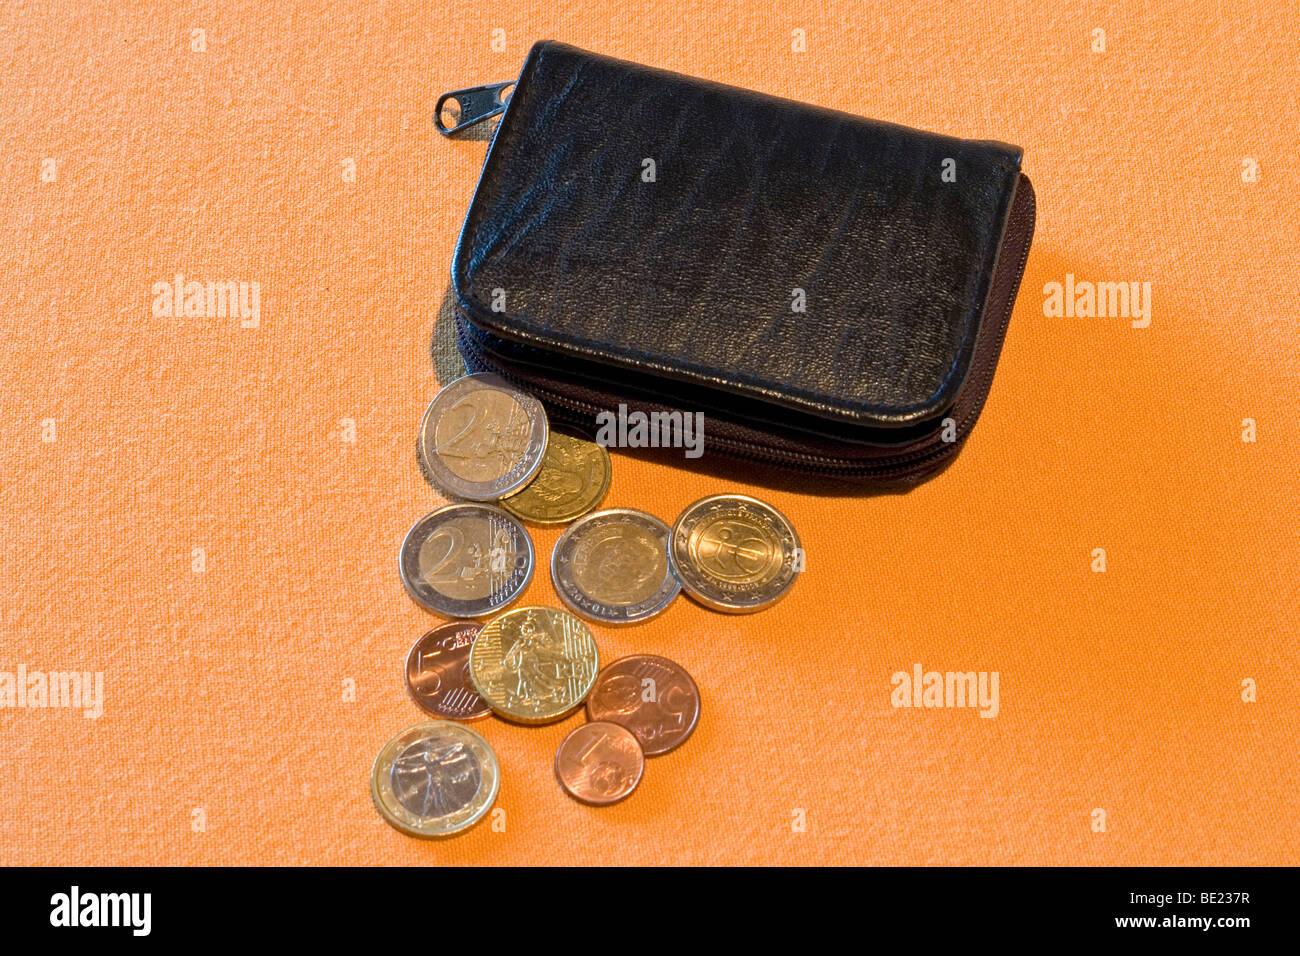 Half-open black leather purse with loose change spread out on an orange support. Porte-monnaie noir et menue monnaie. Stock Photo